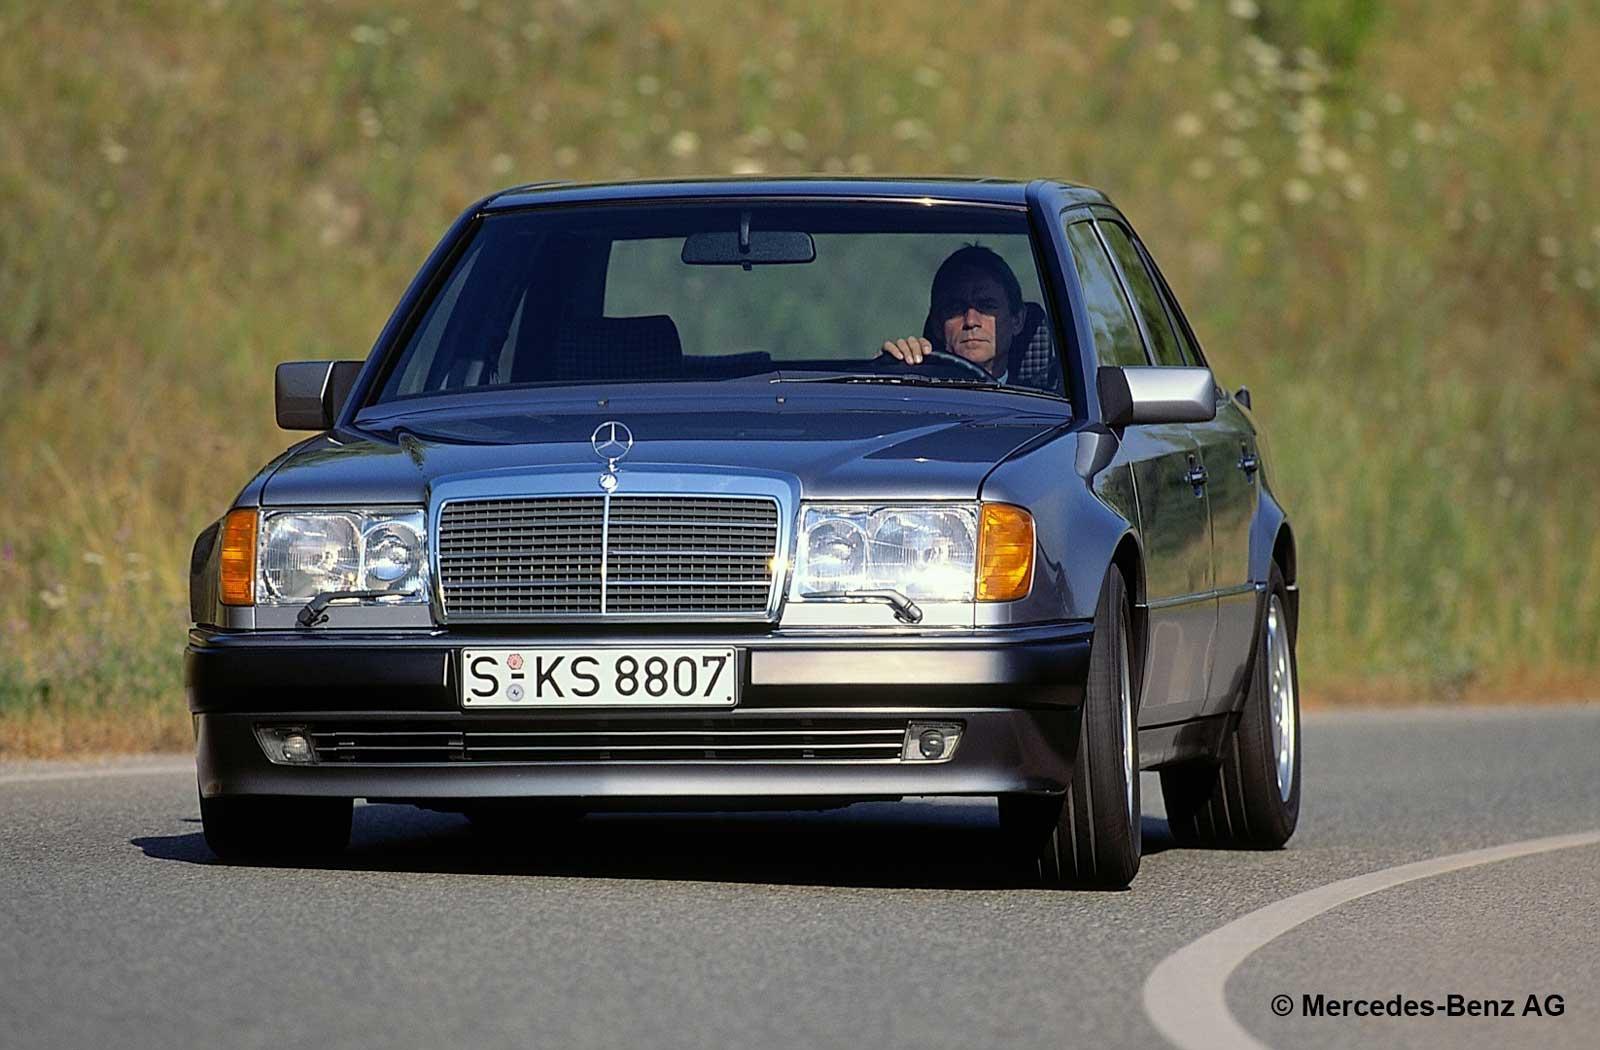 Mercedes-Benz 500E